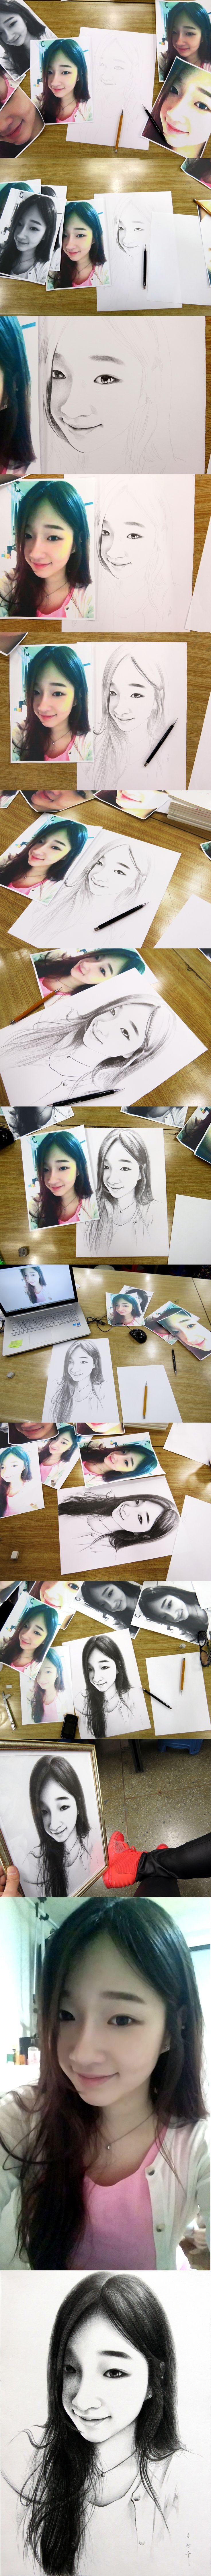 지우개 사용 안 함 샤프로만 그린 인물화 drawing / only sharp artist / sung su - song . korean 인물화, 초상화, 드로잉/송성수/An unforgettable love